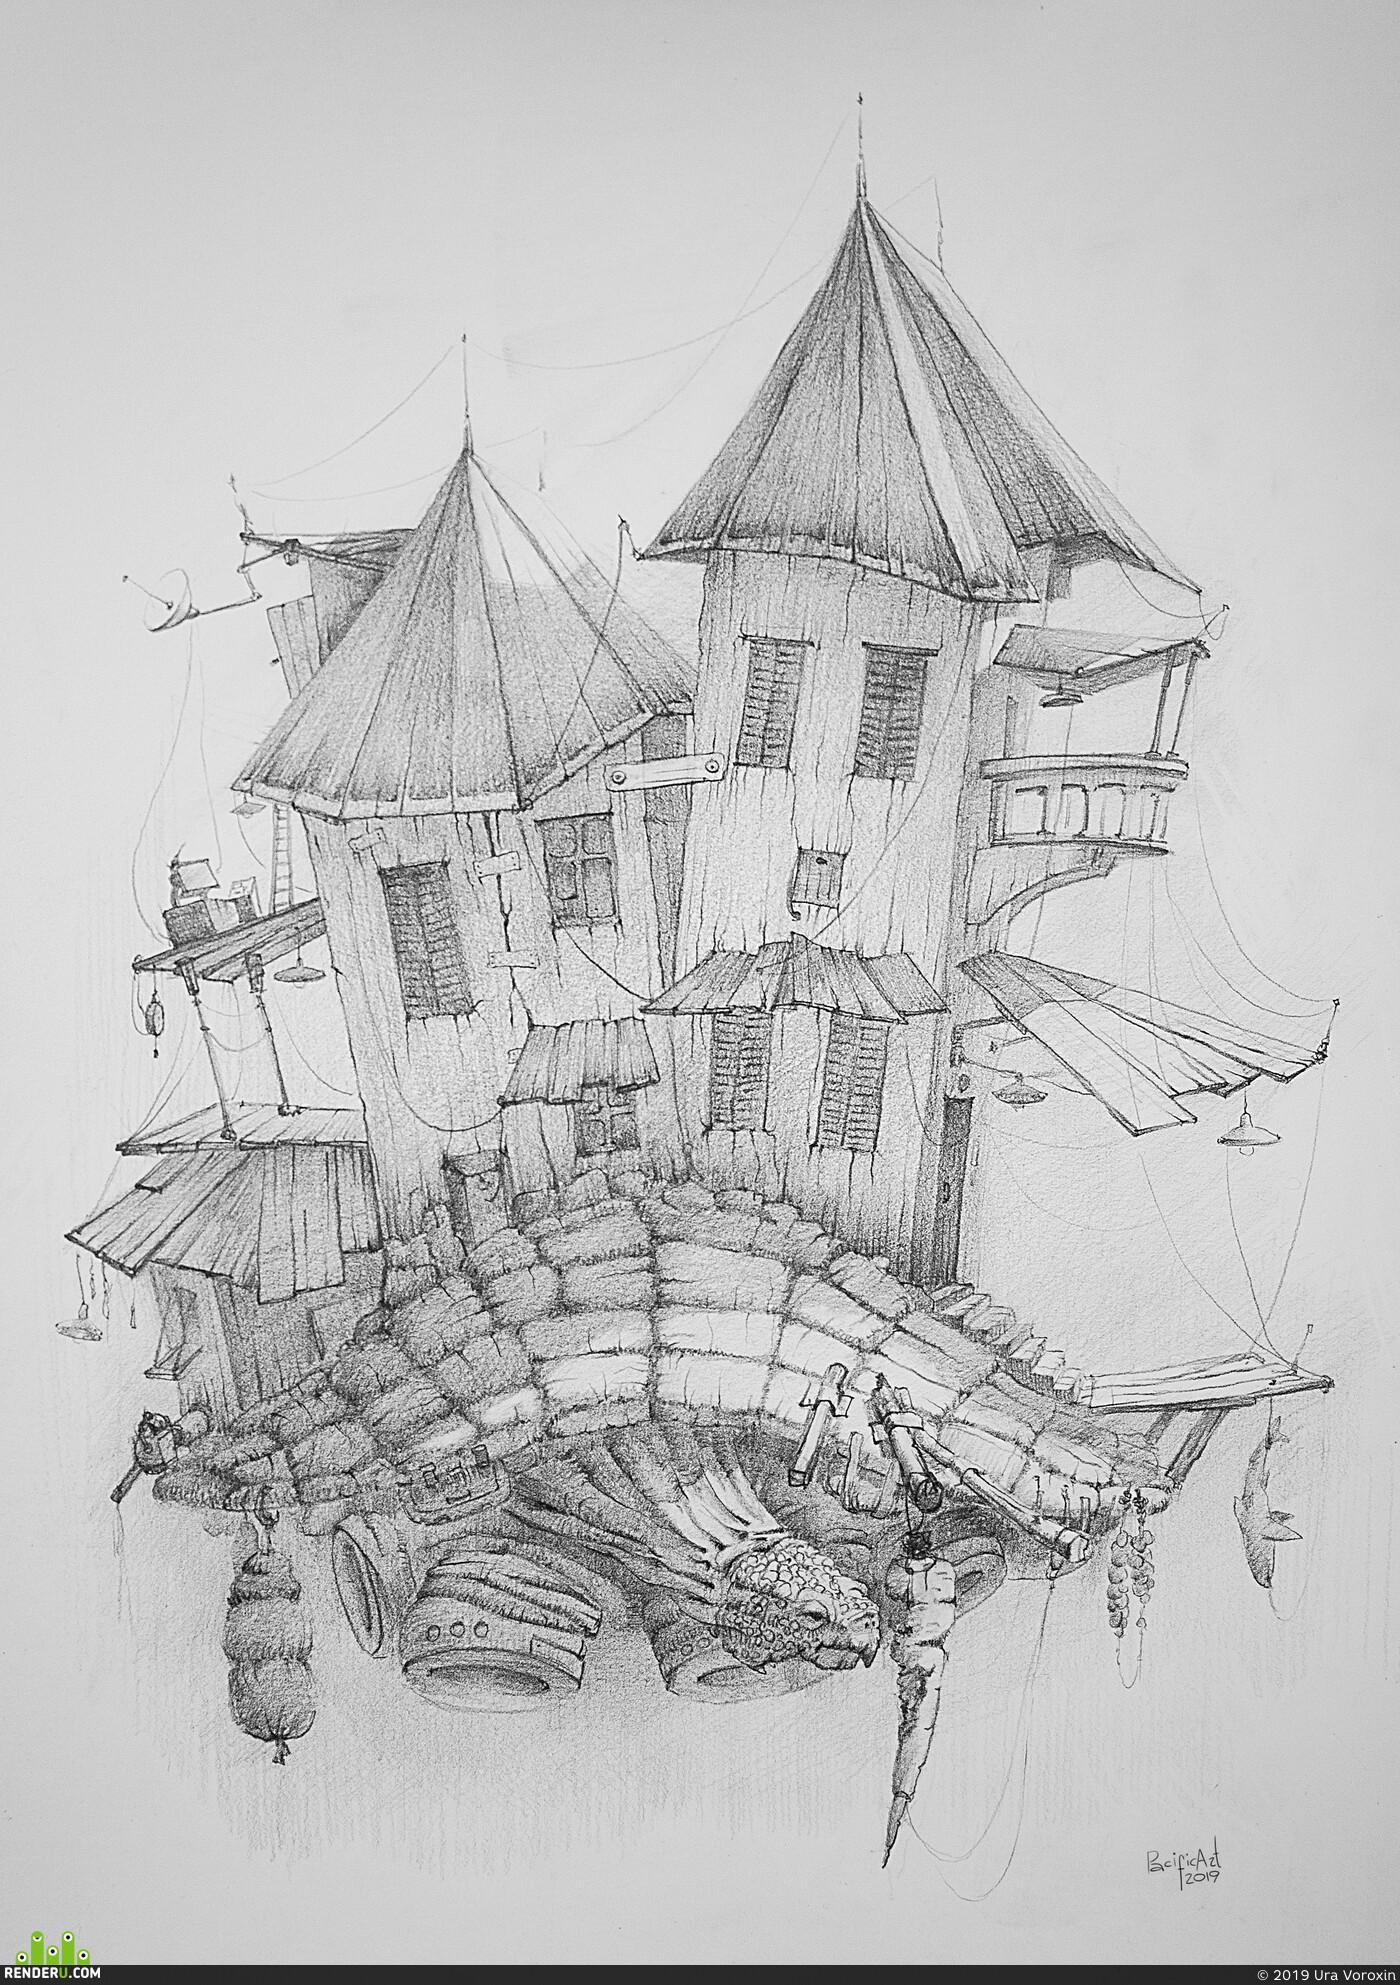 рисунок, рисование, традиционное искусство, карандаш, бумага, Иллюстрация, рисунок от руки, Концепт Арт, Концепт-арт, Концепция персонажей